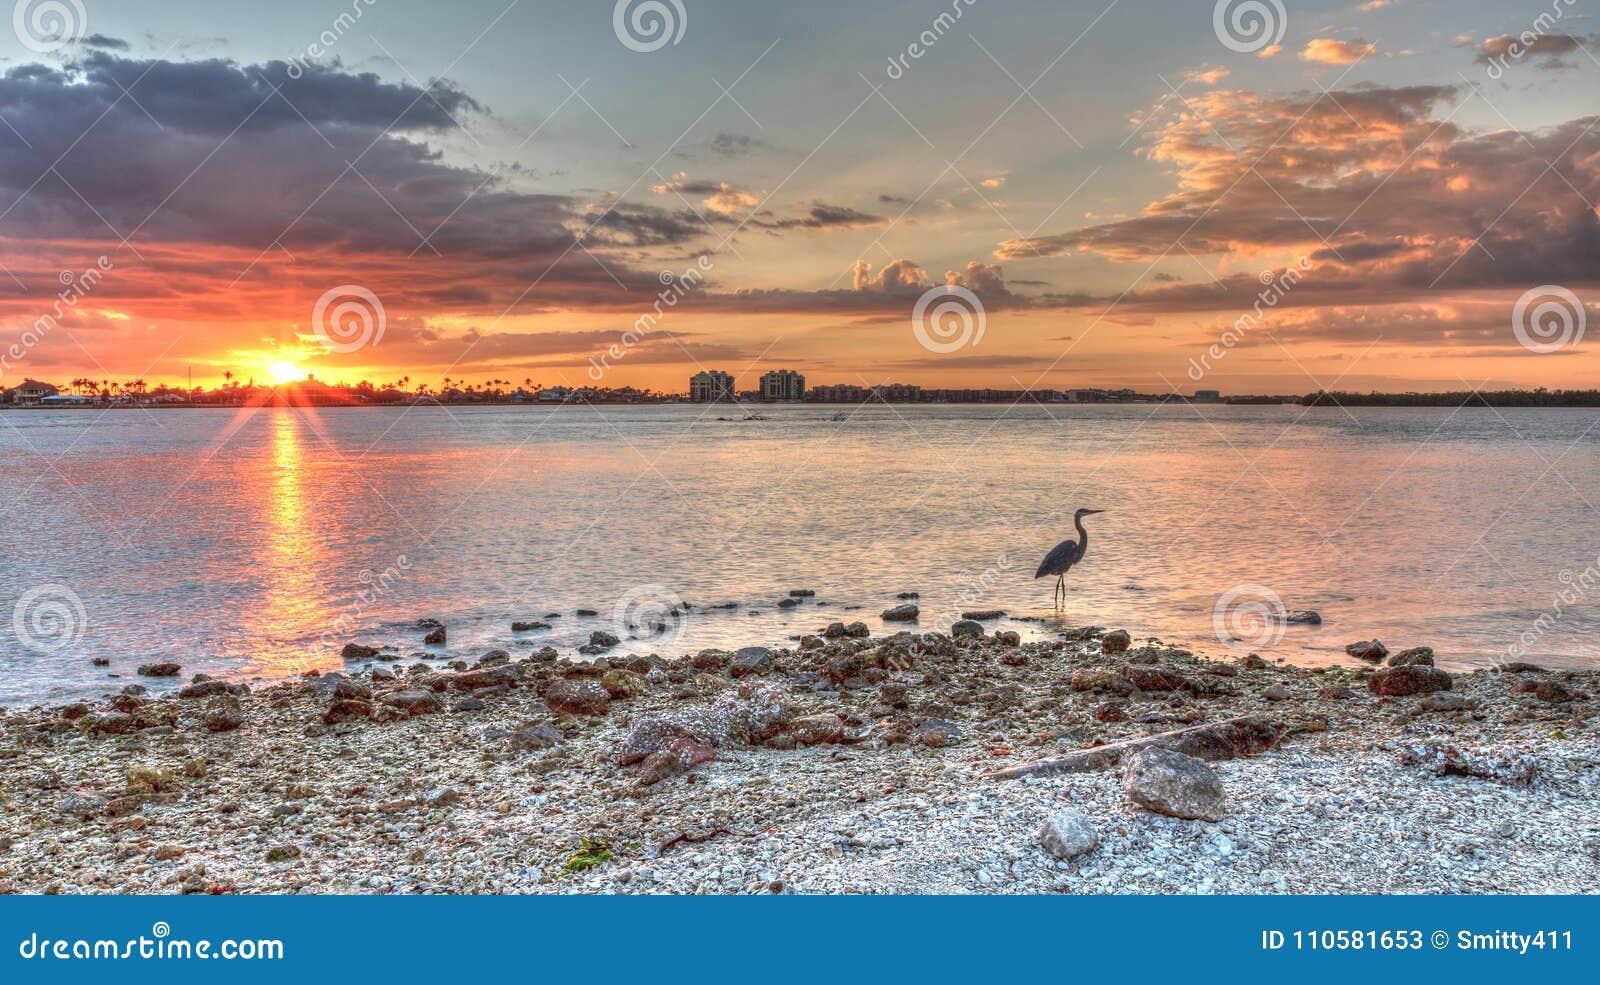 Hohe Graureiher Ardea herodias steht vor einem Sonnenuntergang